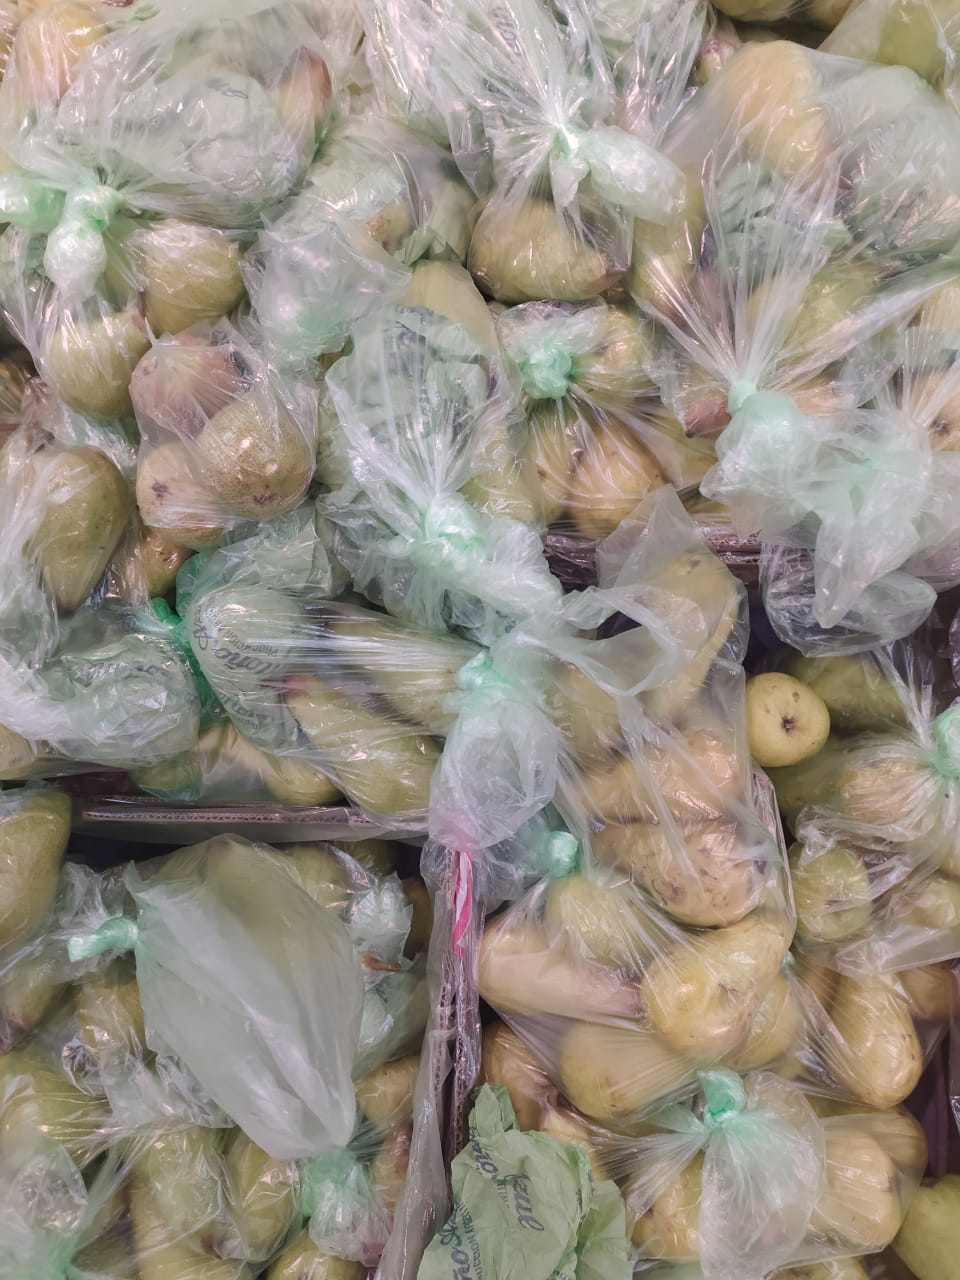 В Новороссийске в магазинах расфасовали все овощи и фрукты